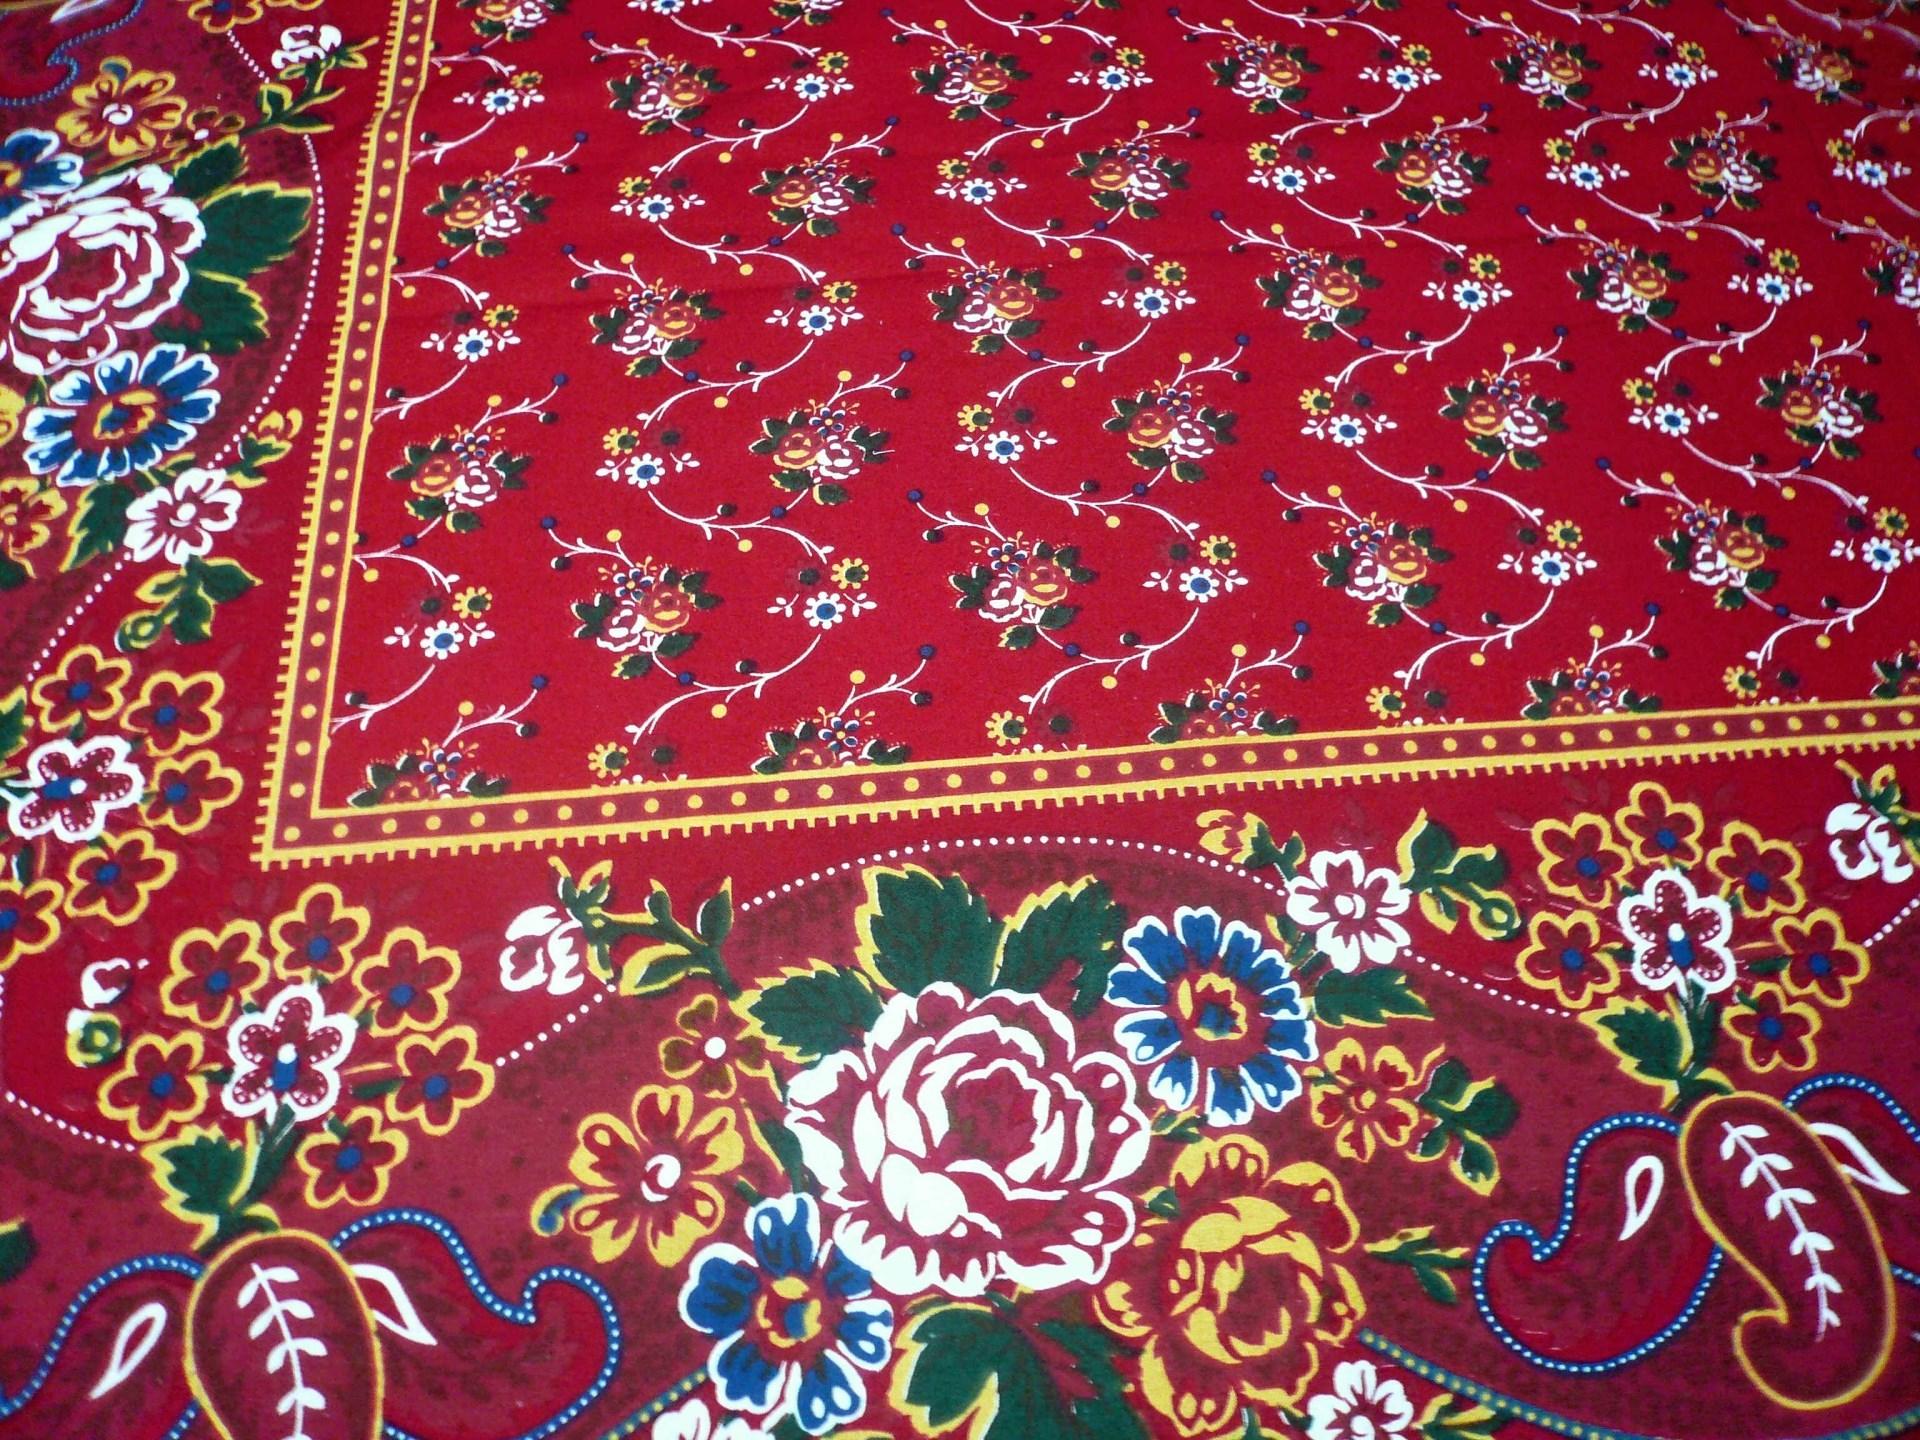 b81b70935a1 Turecký šátek - vzor I. velikost 150x150 cm - šlehaný střed